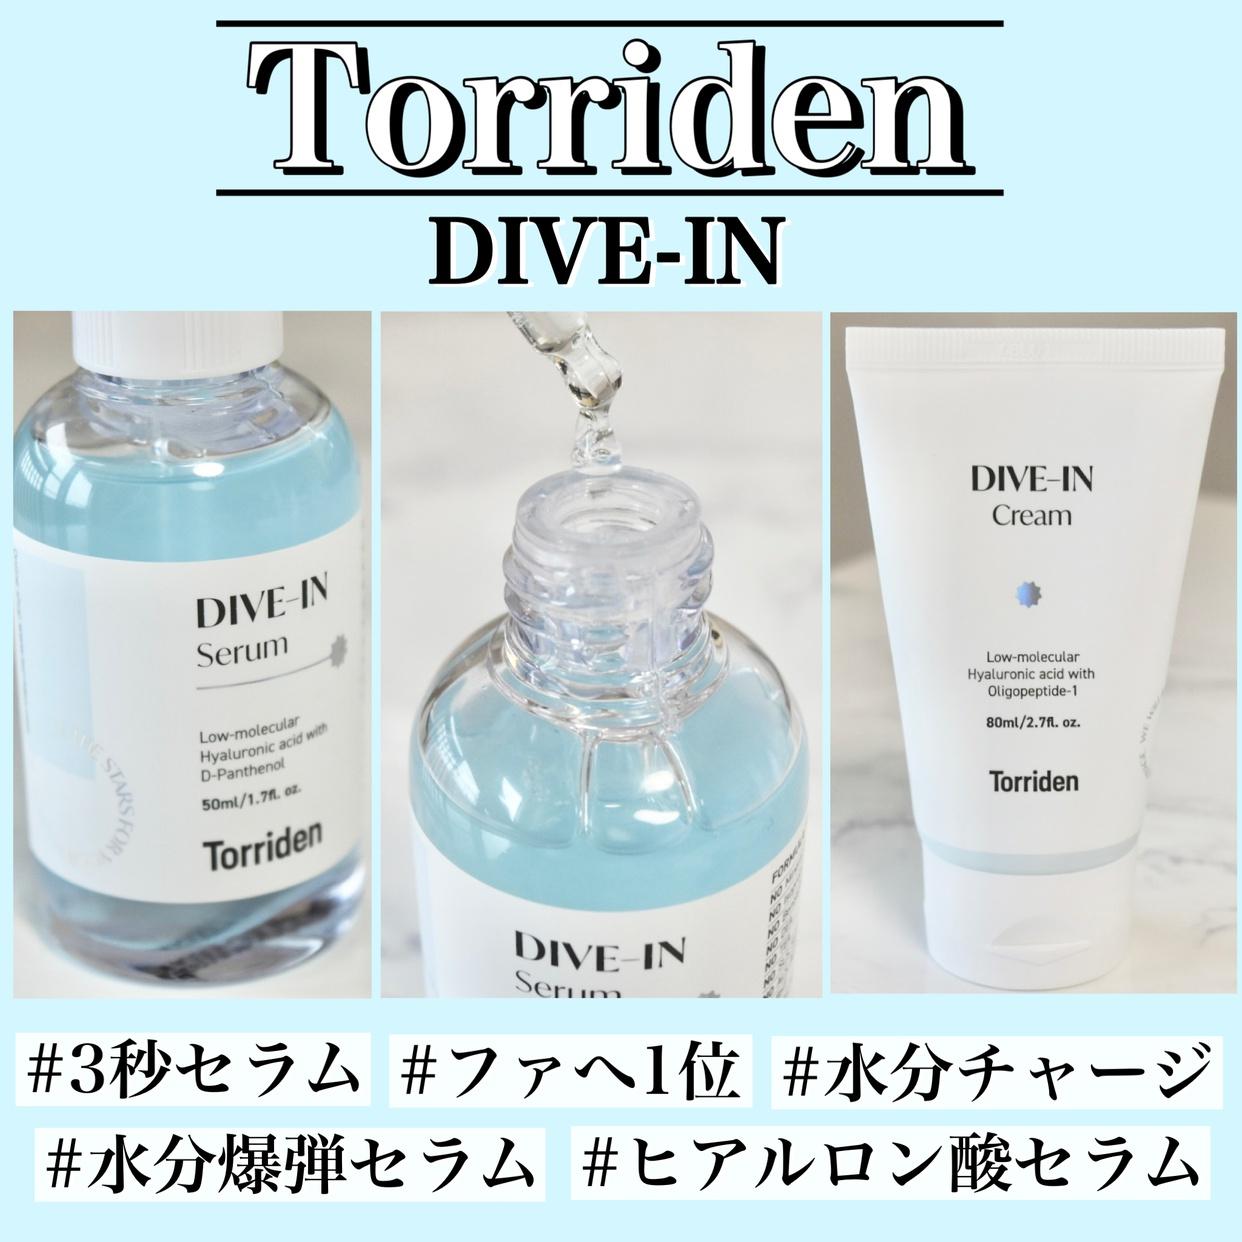 Torriden(トリデン) ダイブイン低分子ヒアルロン酸 セラムを使ったみゆさんのクチコミ画像1